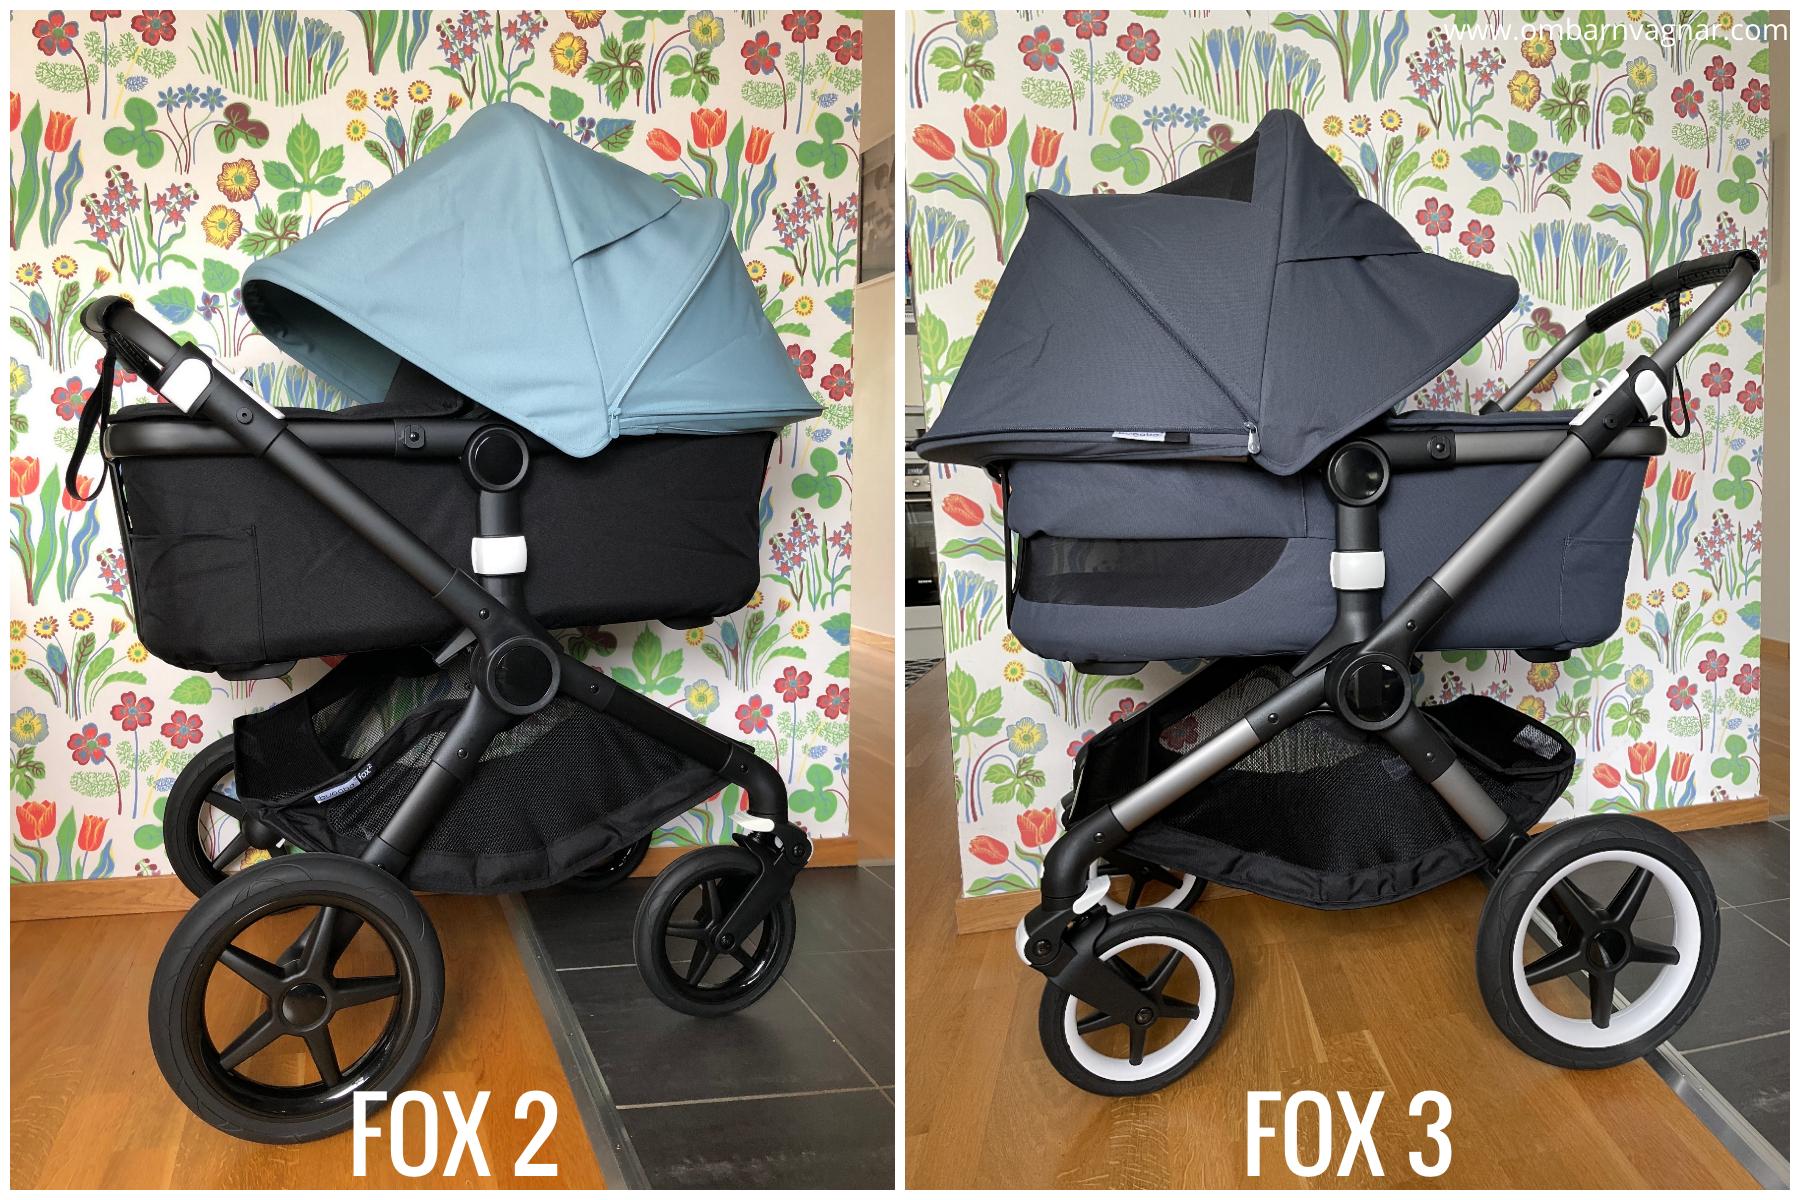 Skillnaderna mellan Bugaboo Fox 2 och Bugaboo Fox 3 - vad är nytt på Fox 3?